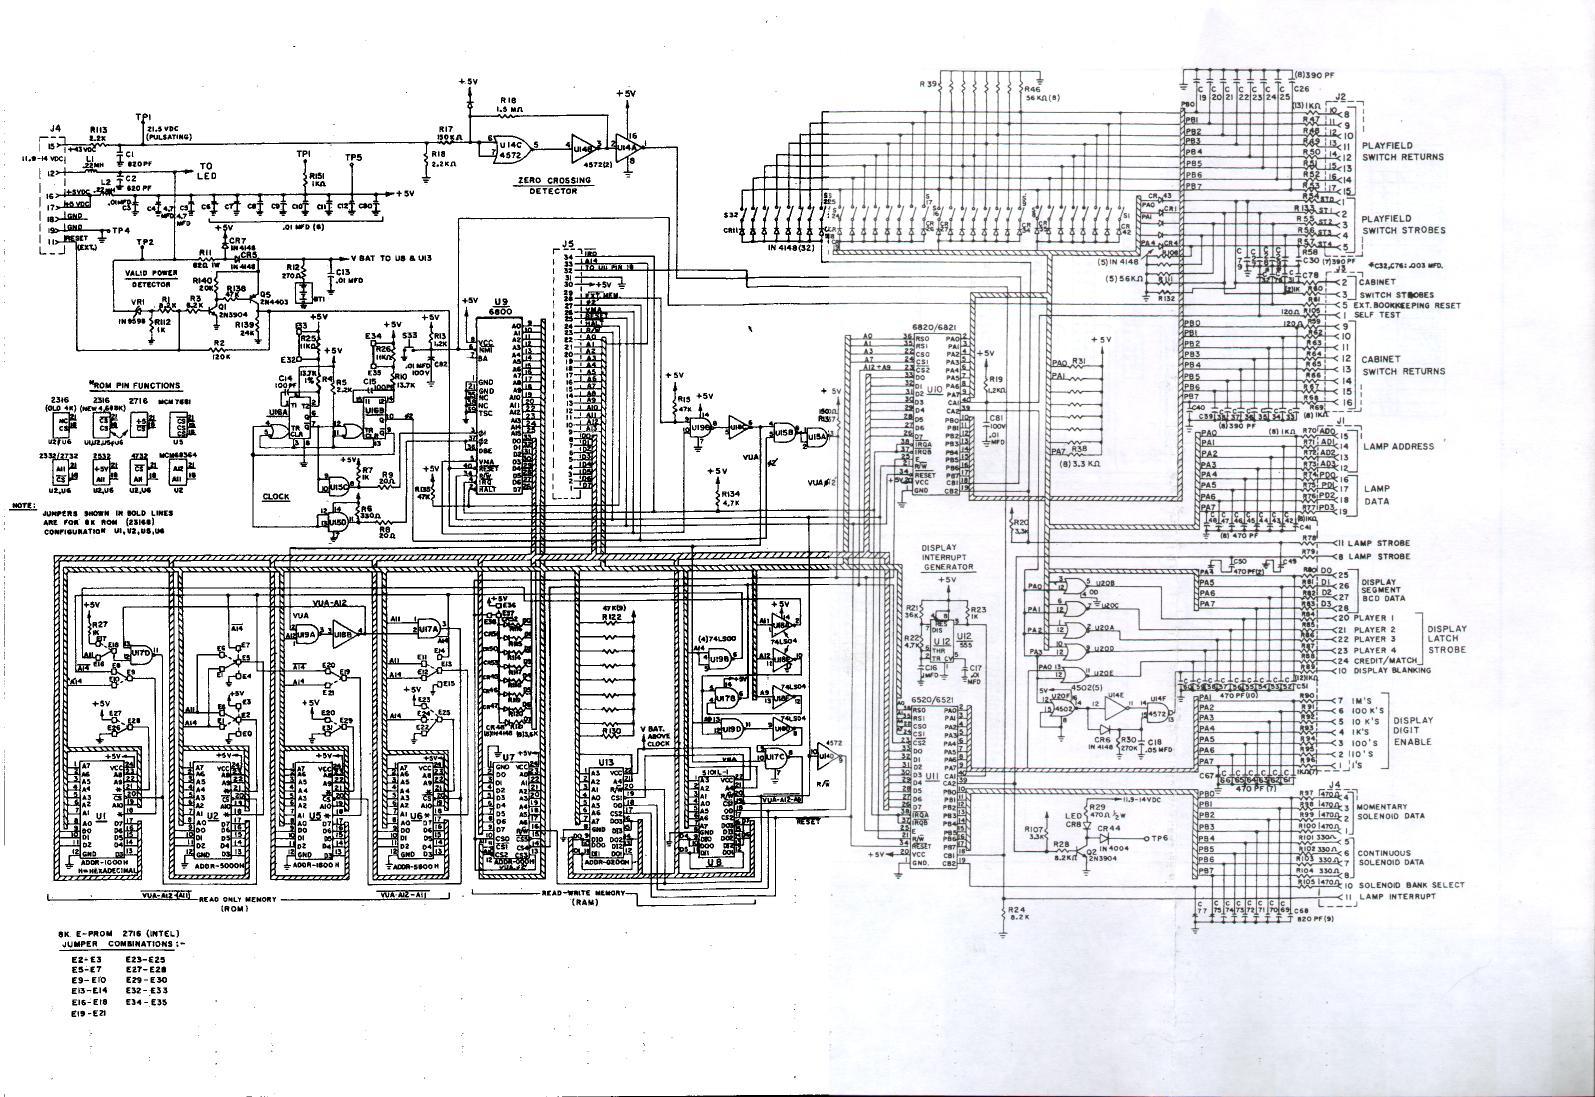 Gottlieb Pinball Machine Schematics Automotive Wiring Diagram Diagrams Internet Database Stern Quicksilver Rh Ipdb Org Bally